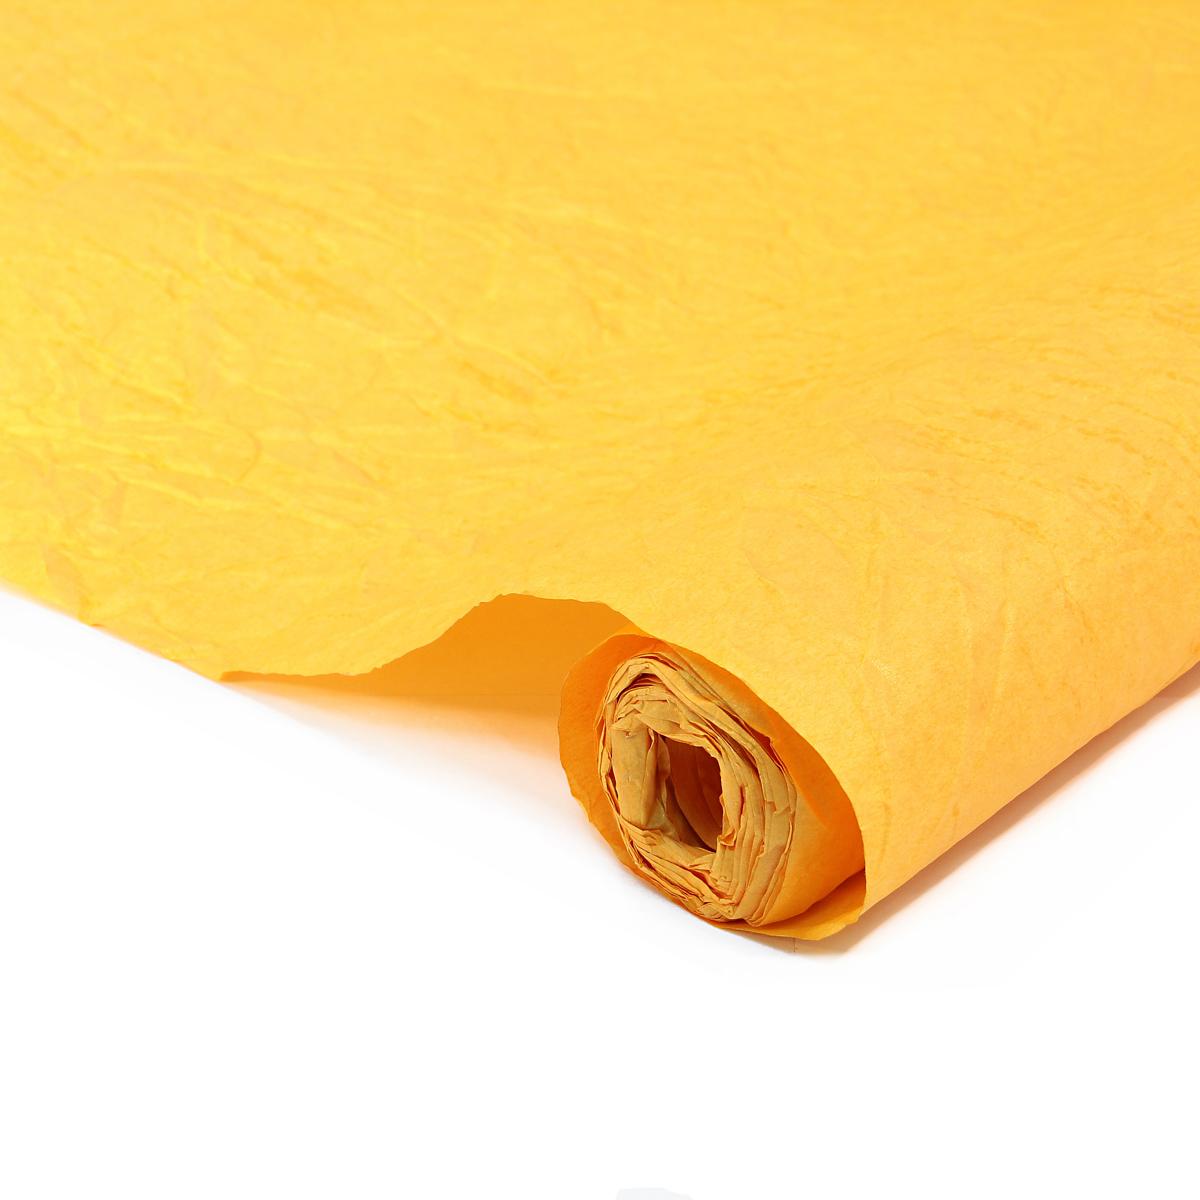 Бумага упаковочная Veld-Co Эколюкc, цвет: шафран, золотистый, 70 см х 5 м44137Бумага Veld-Co Эколюкc - это универсальный материал дляупаковки подарков и оформления букетов. Она достаточноплотная и в тоже время пластичная. Благодаря органичнойфактуре, великолепно ложится и на нестандартные формы(круглые, овальные). Эта бумага хорошо комбинируется с другими материалами. Её можноиспользовать в качестве декоративных элементов. К ней легко подобратьаксессуары - подойдут натуральные шнуры, рафия, ленты (репсовая,шёлковая, хлопковая). Благодаря этому материалу - мастер выполнитлюбую задачу, поставленную перед ним. Ко всему прочему- бумагу в рулоне удобнее хранить, использовать,транспортировать.